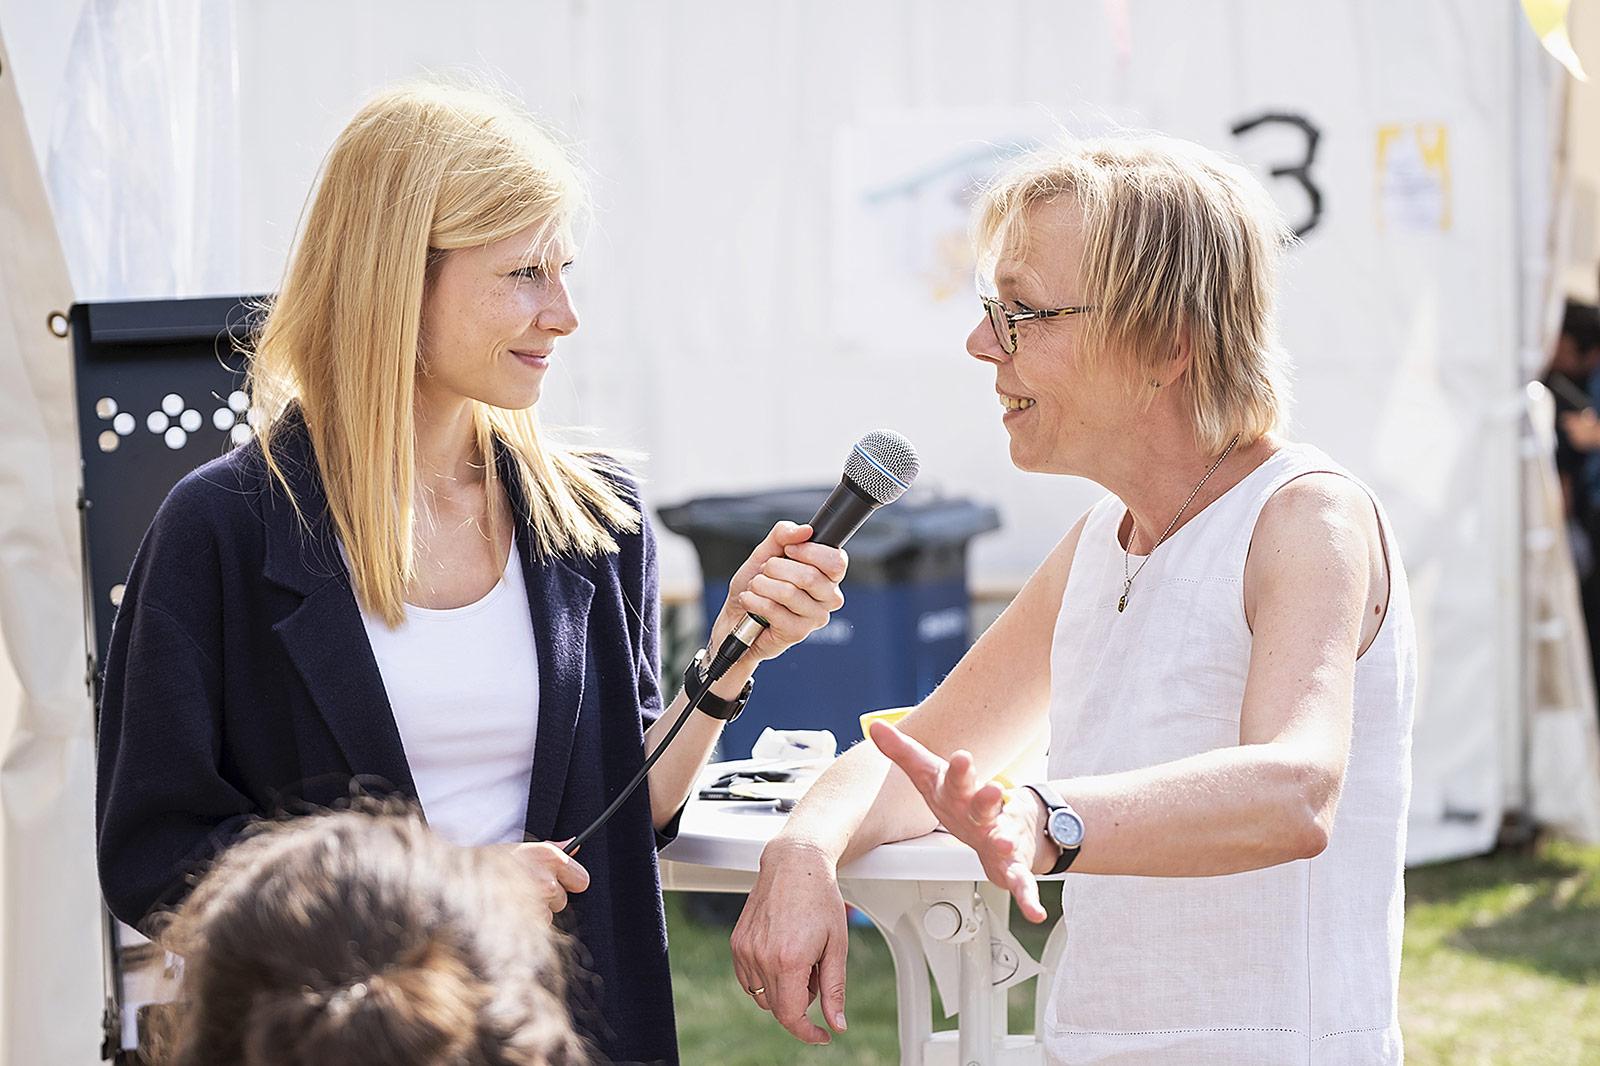 Marie Illner (l.) sprach beim Speedtalk mit Kolleginnen und Kollegen. | Foto: Alexander Schneider